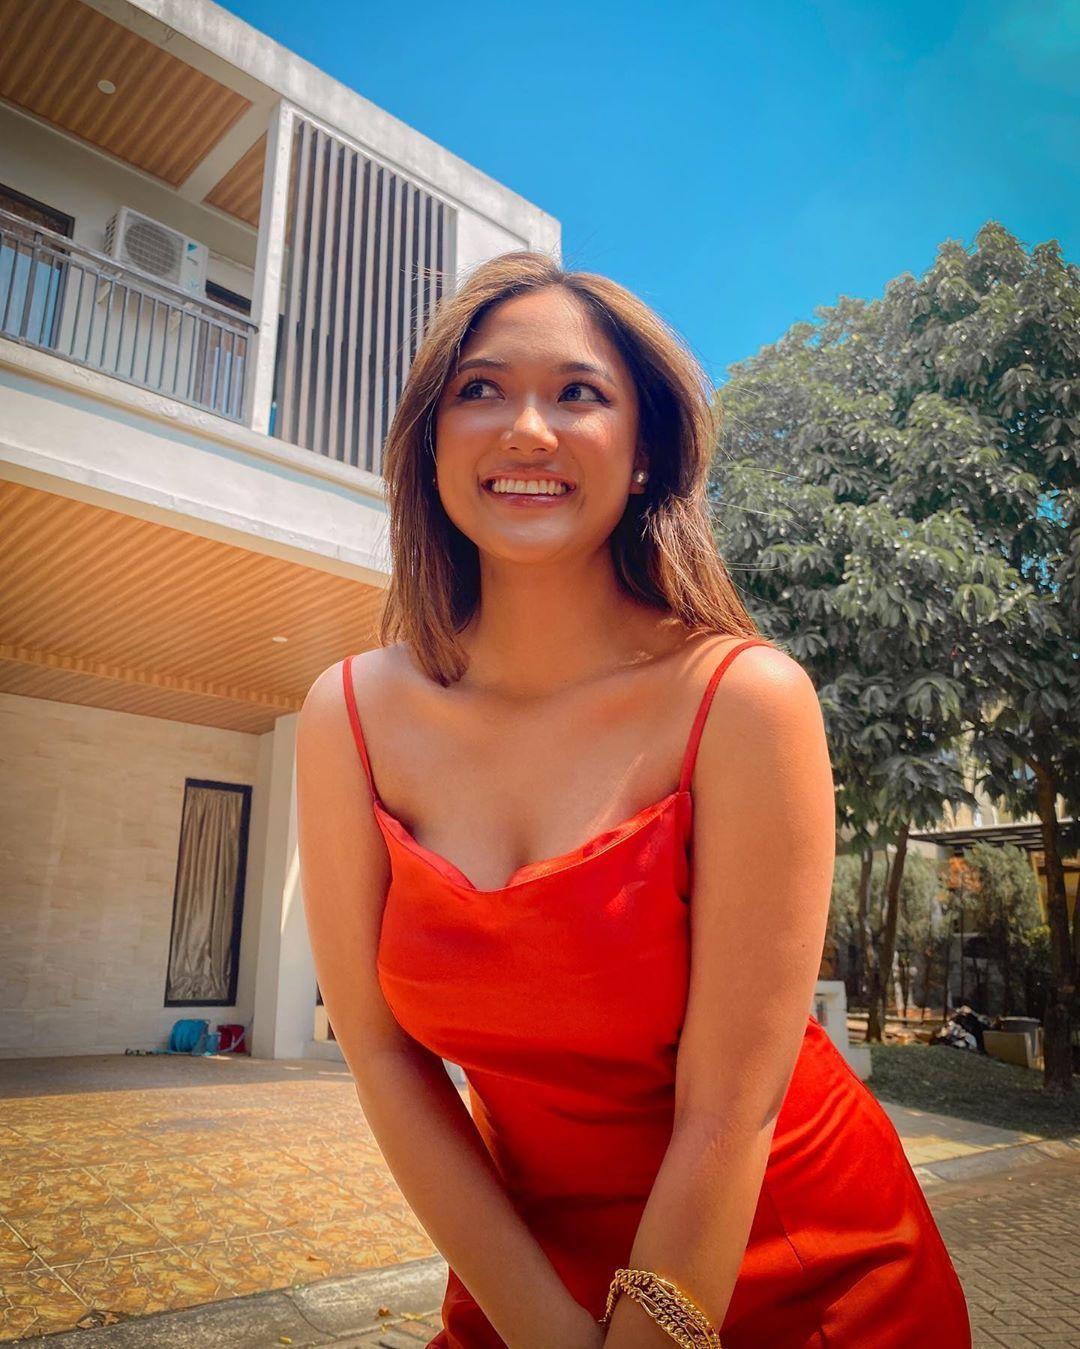 Masih 20 Tahun, Ini Potret Sensual Marion Jola di Media Sosial